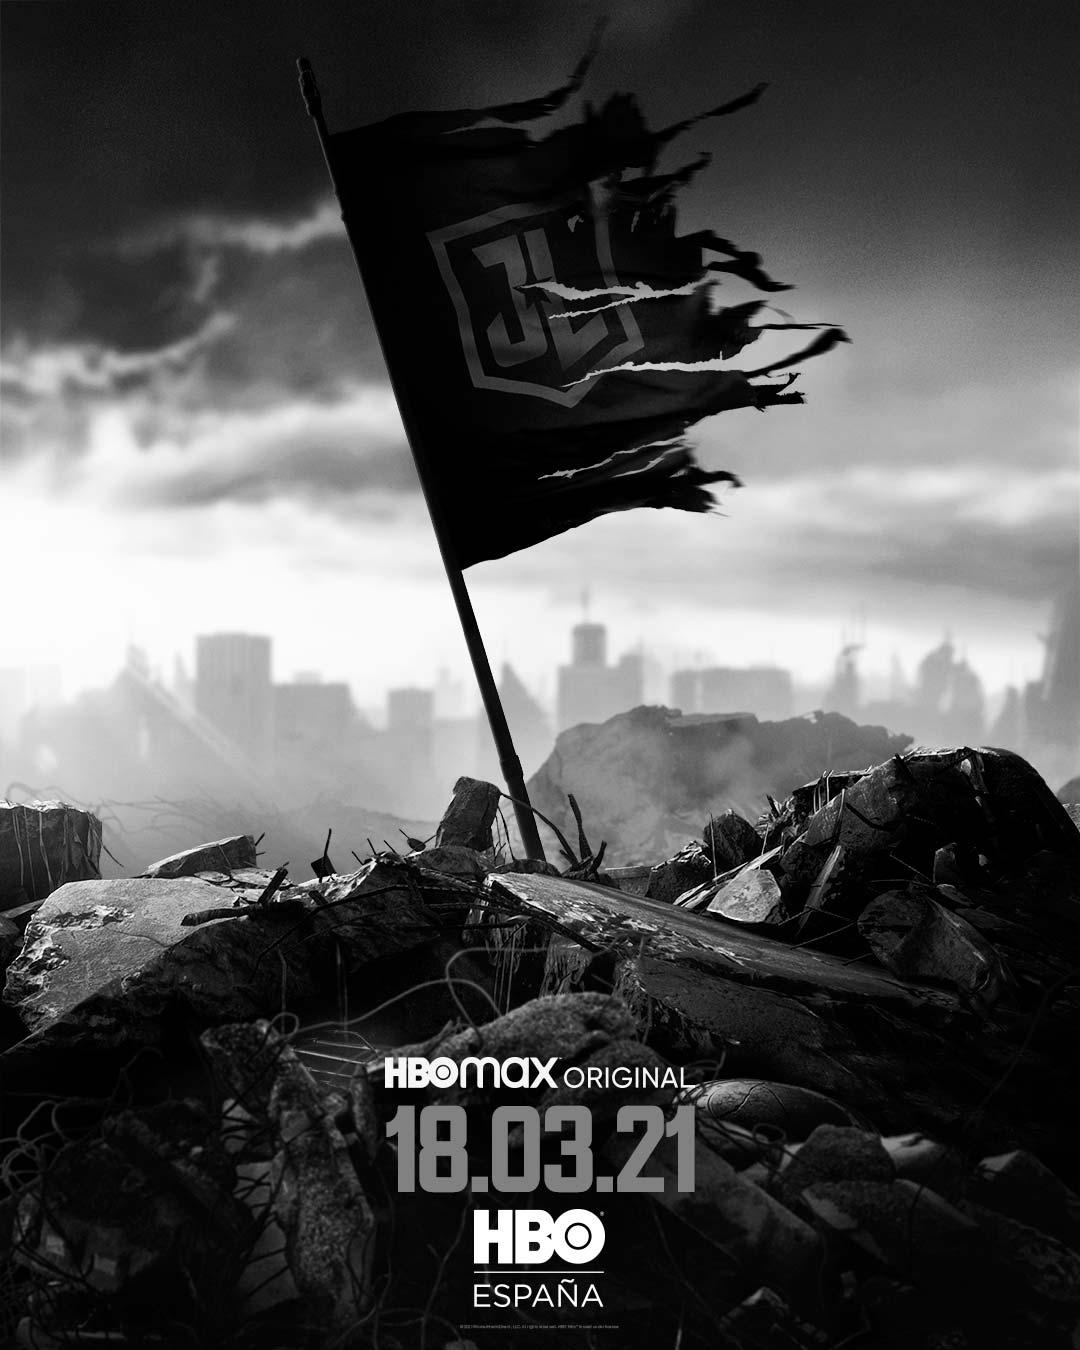 Liga de la justicia HBO España